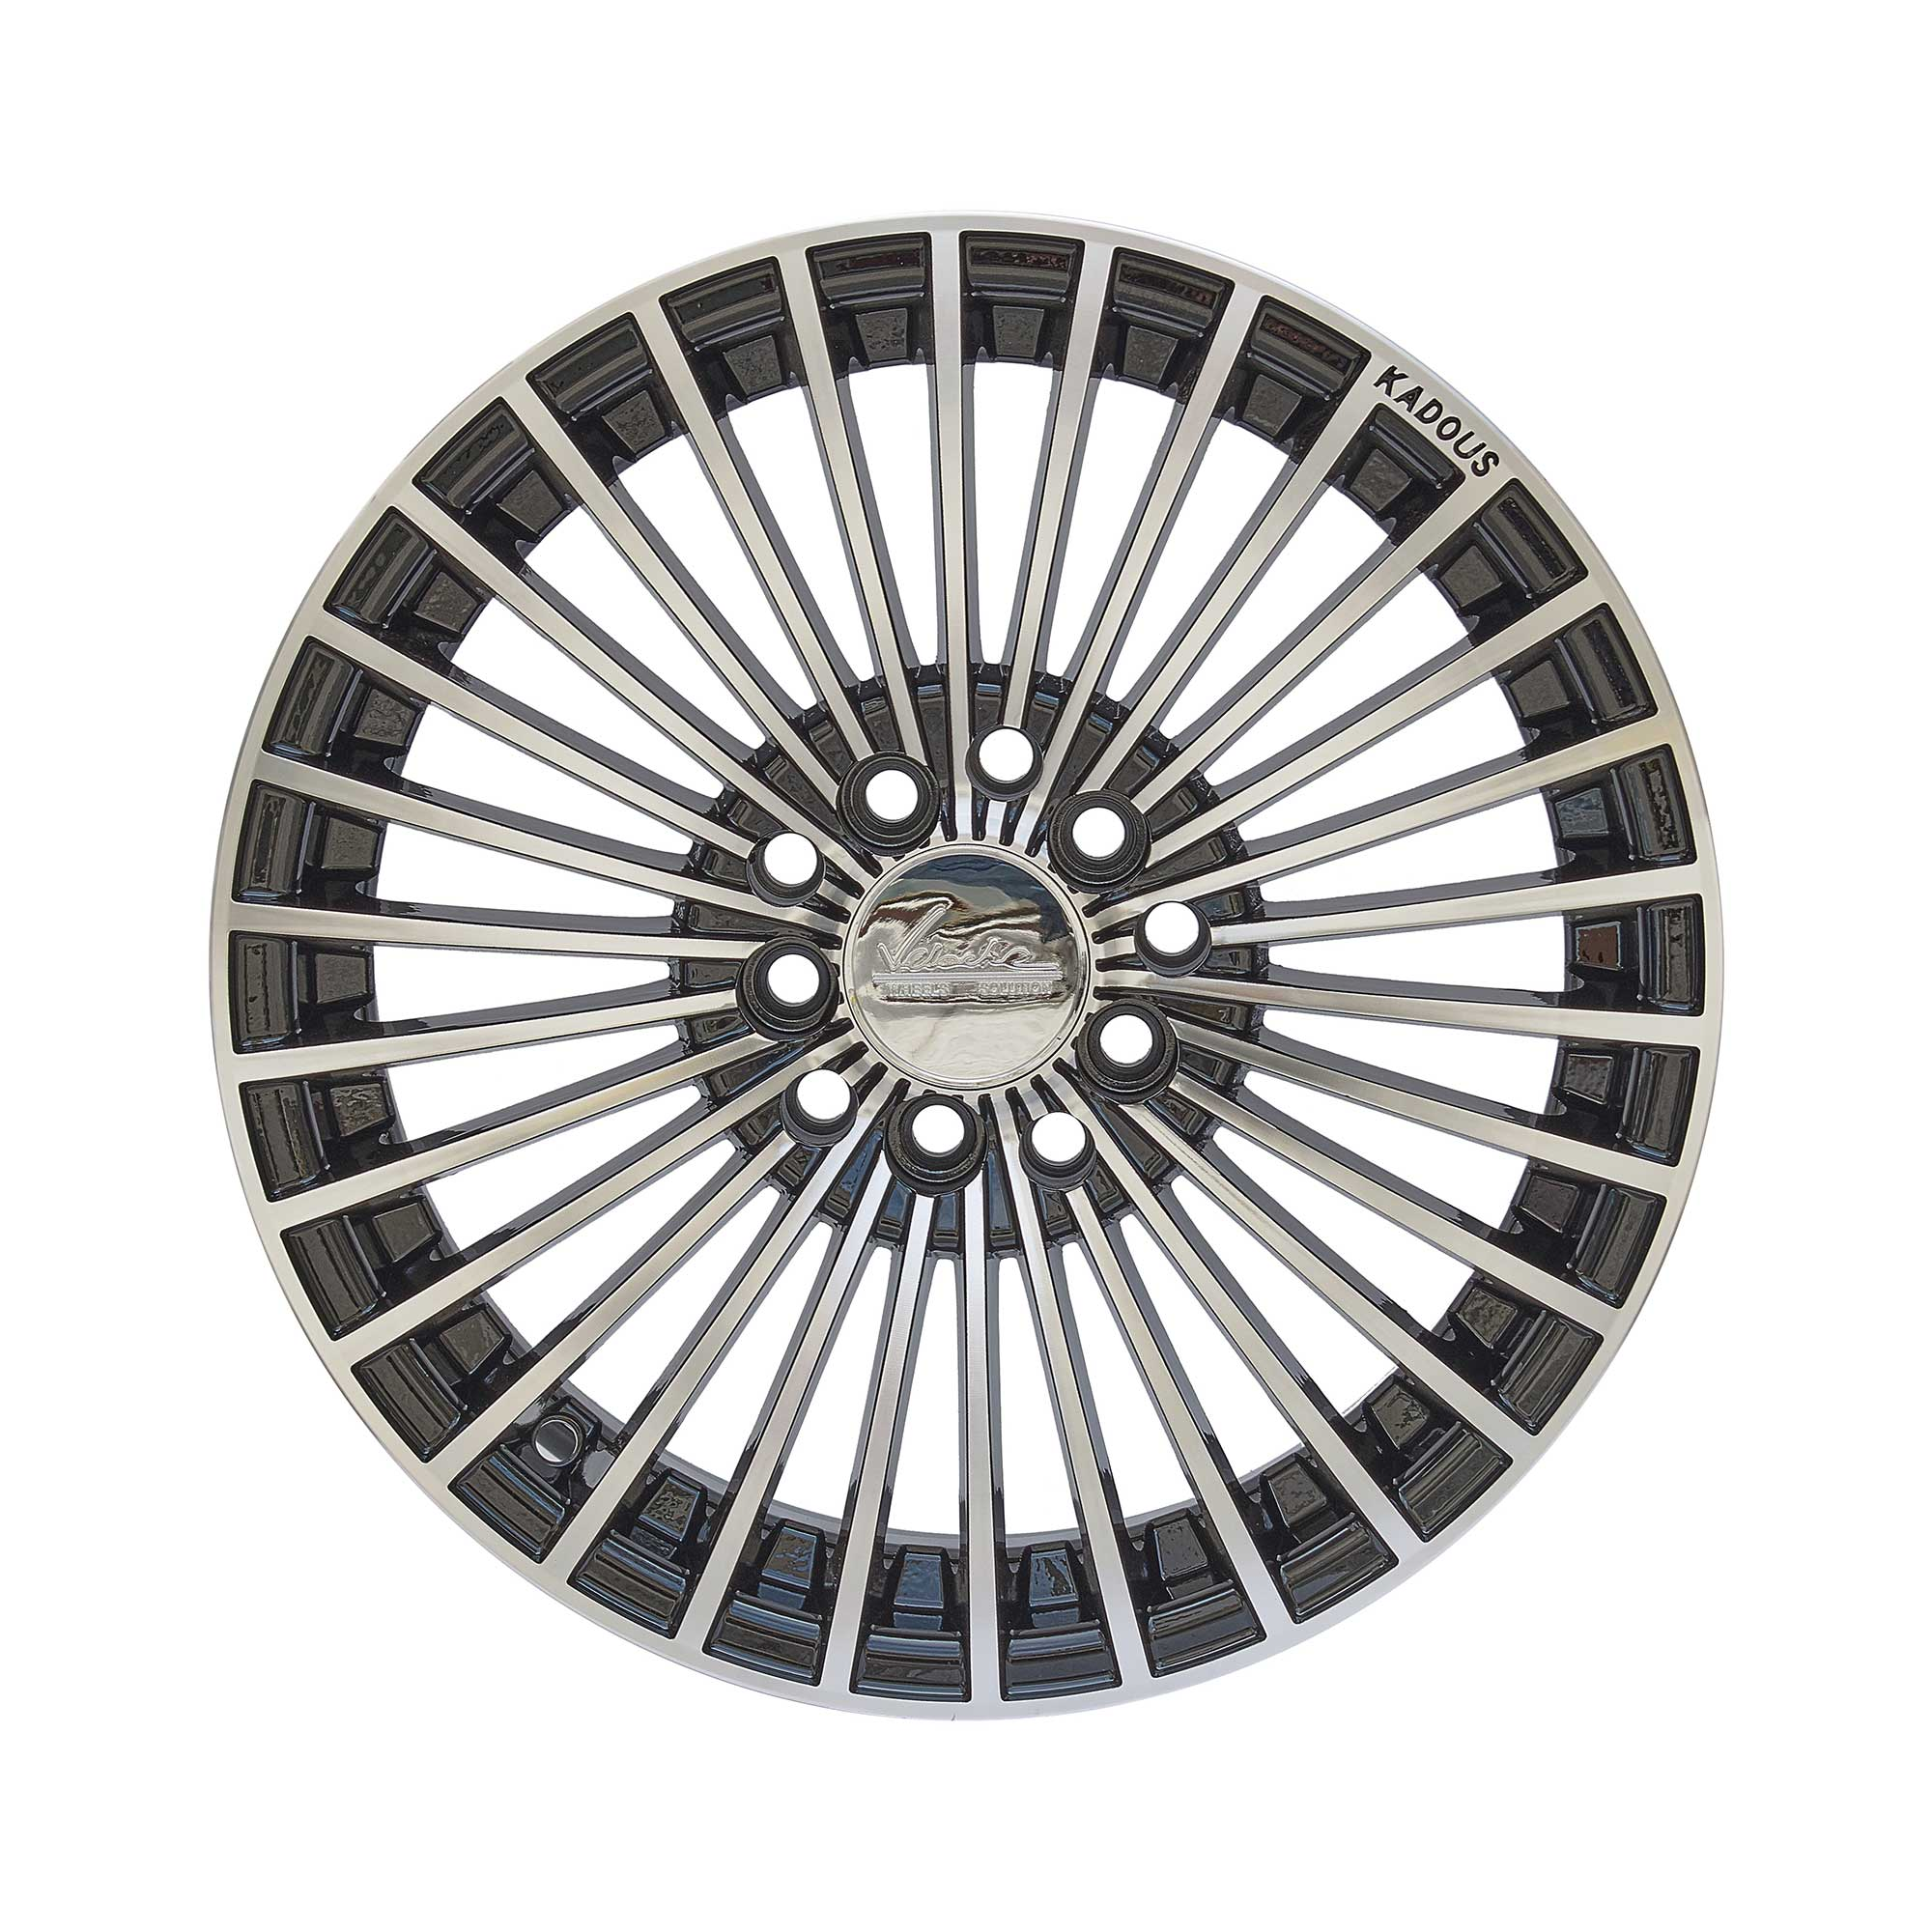 رینگ چرخ مدل PC006 سایز 15 اینچ